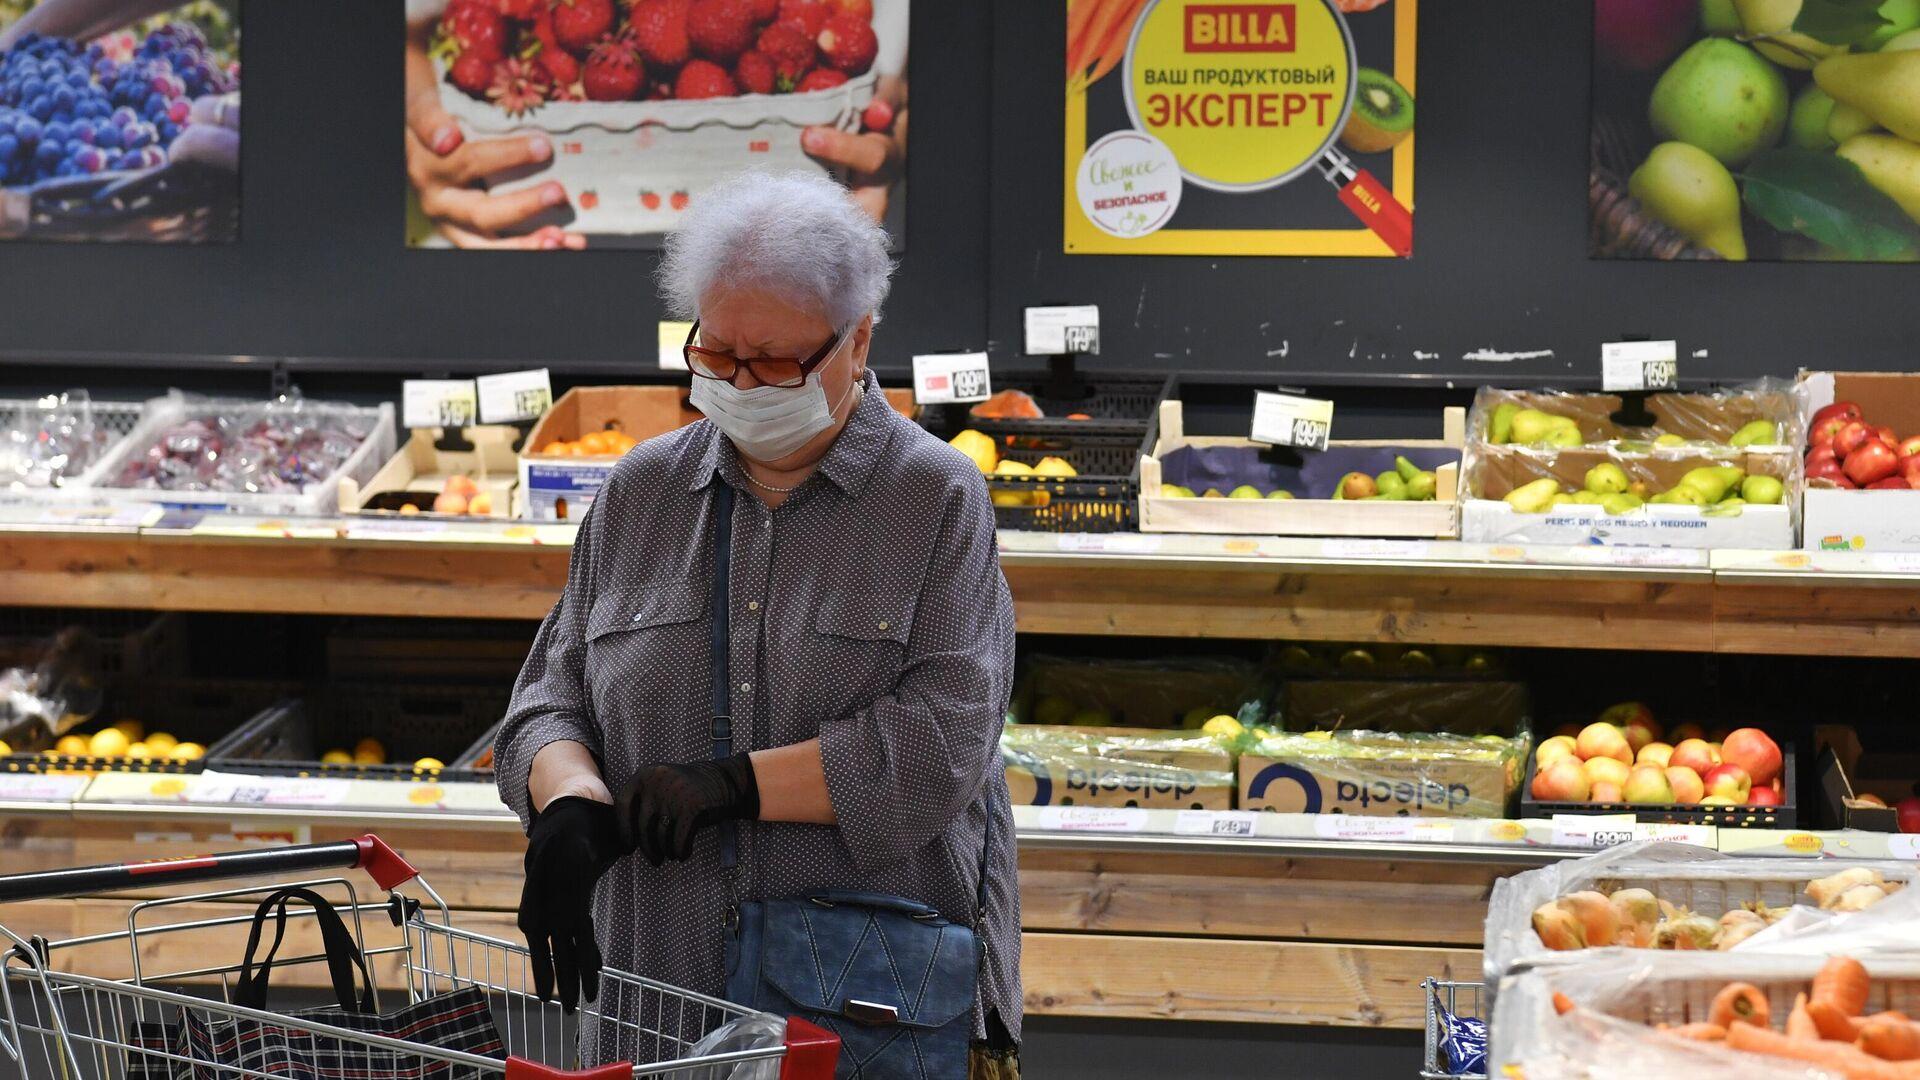 Посетительница в одном из супермаркетов Billa в Москве - РИА Новости, 1920, 05.07.2021